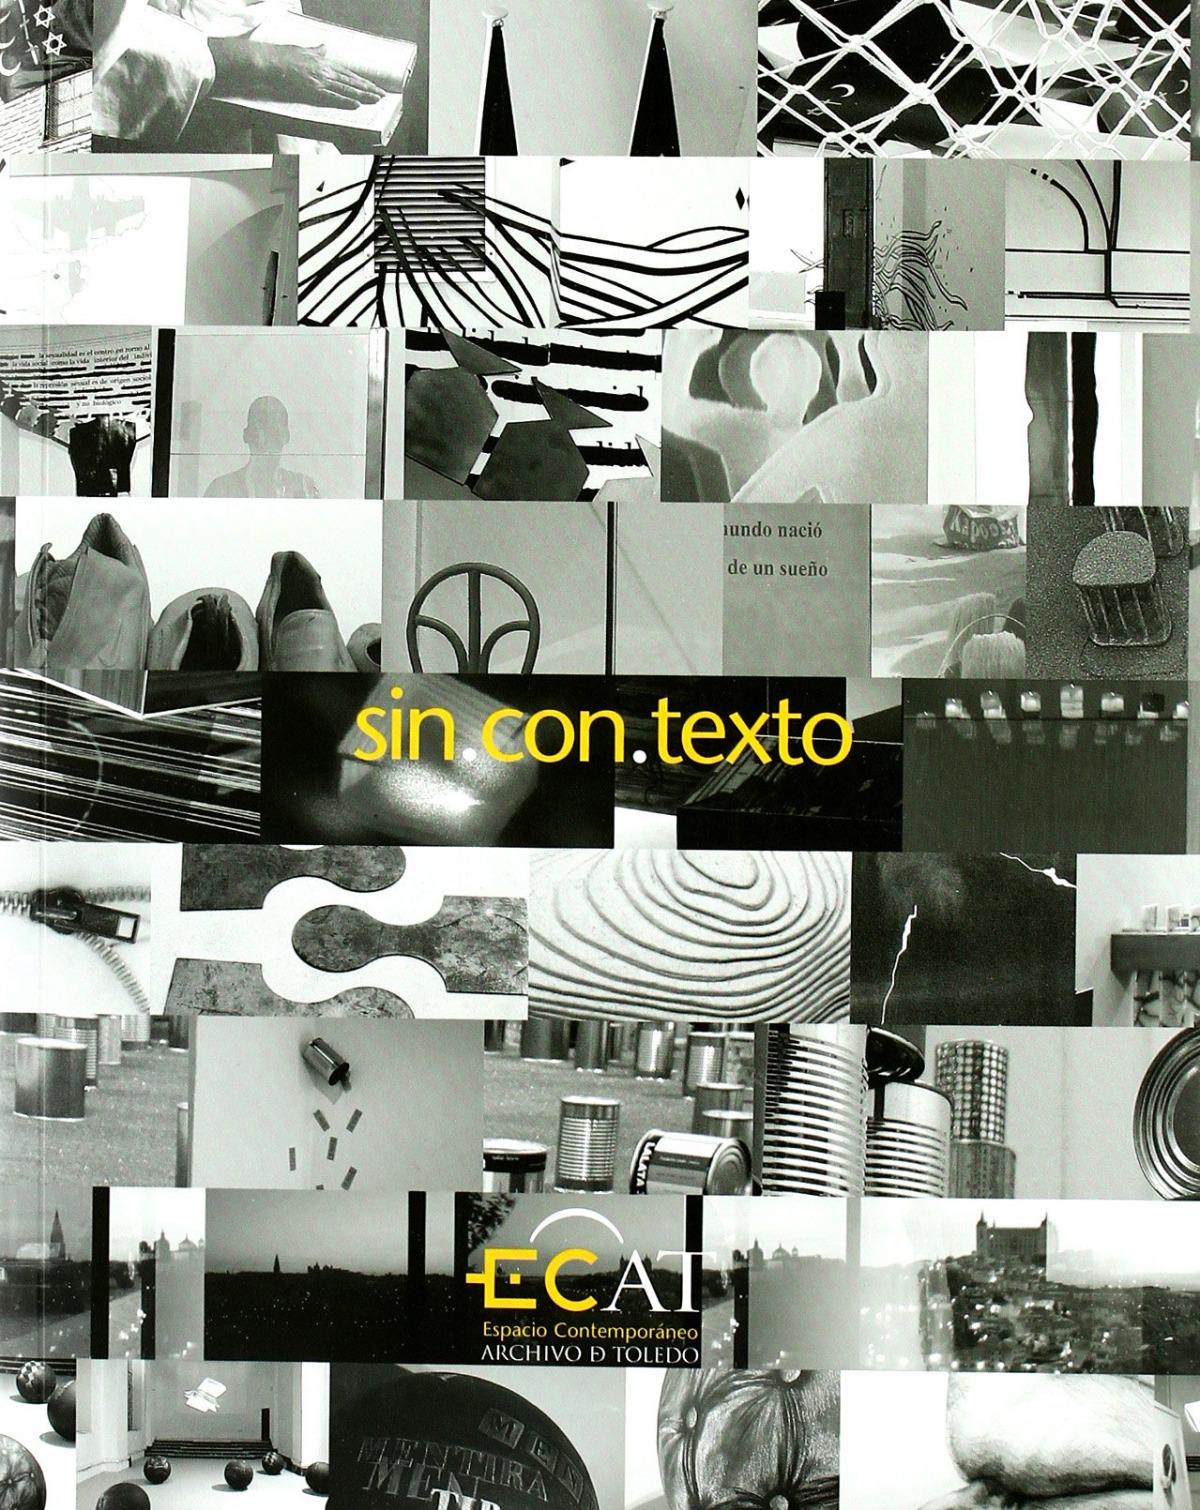 Sin.con.texto catalogo